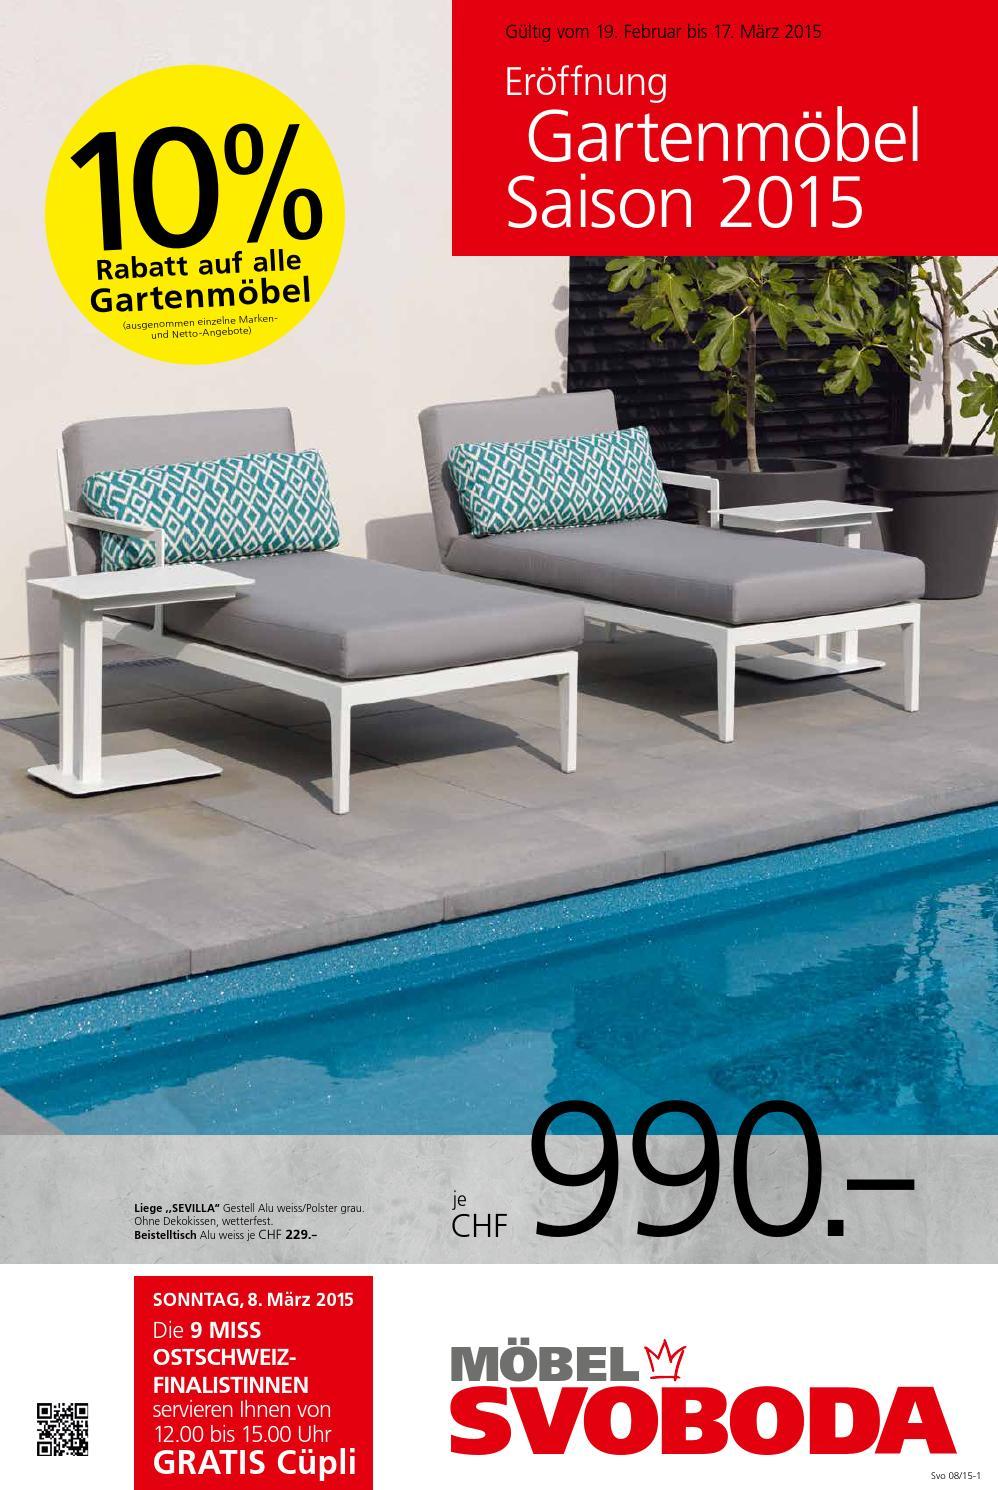 er ffnung gartem belsaison 2015 by m bel svoboda issuu. Black Bedroom Furniture Sets. Home Design Ideas